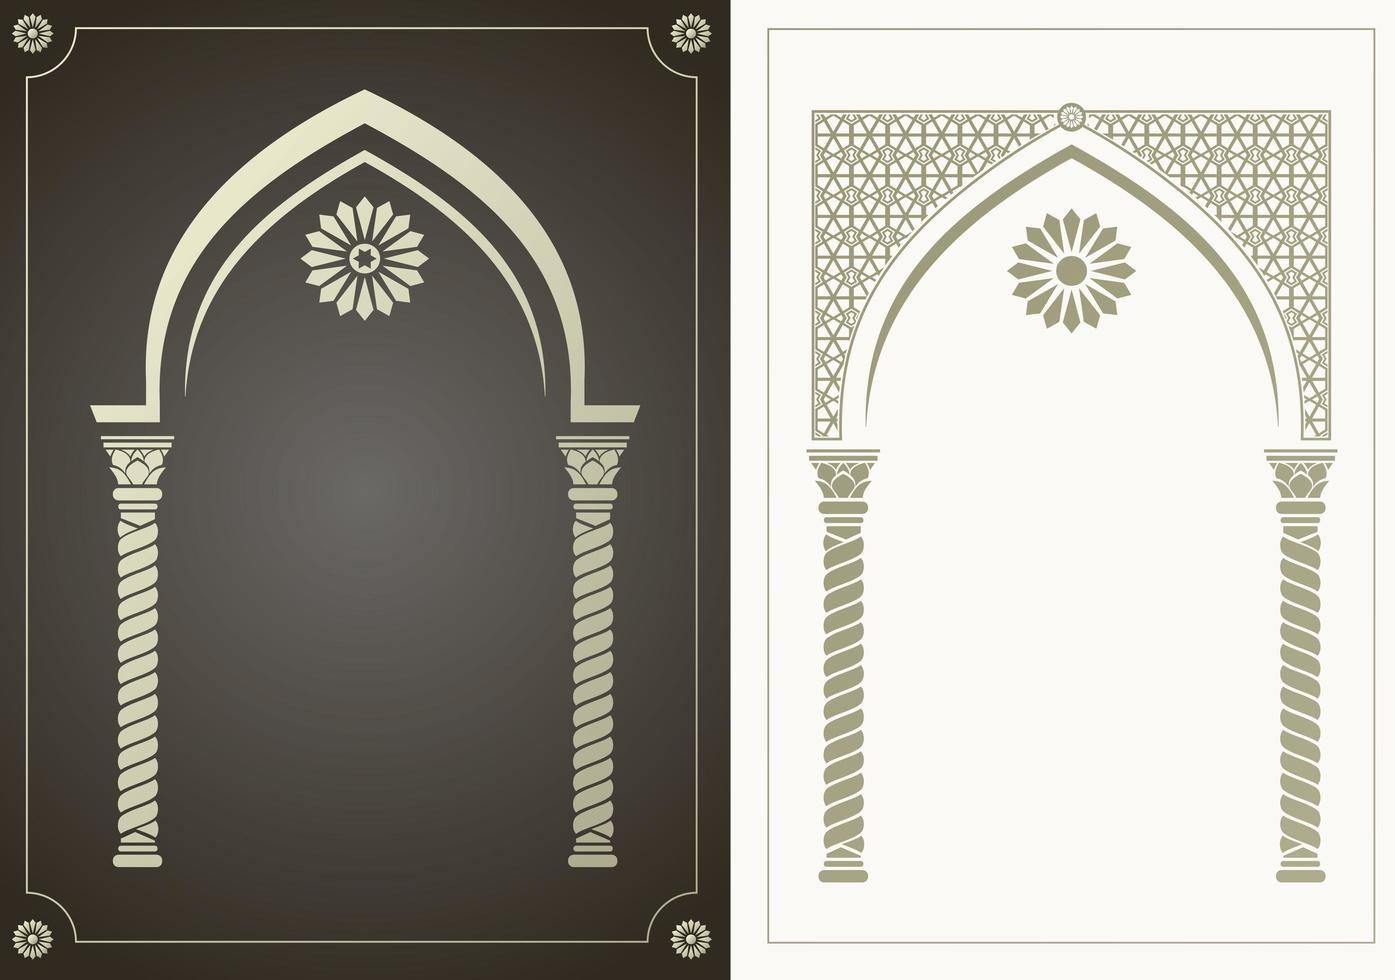 conjunto de arco de estilo árabe vetor